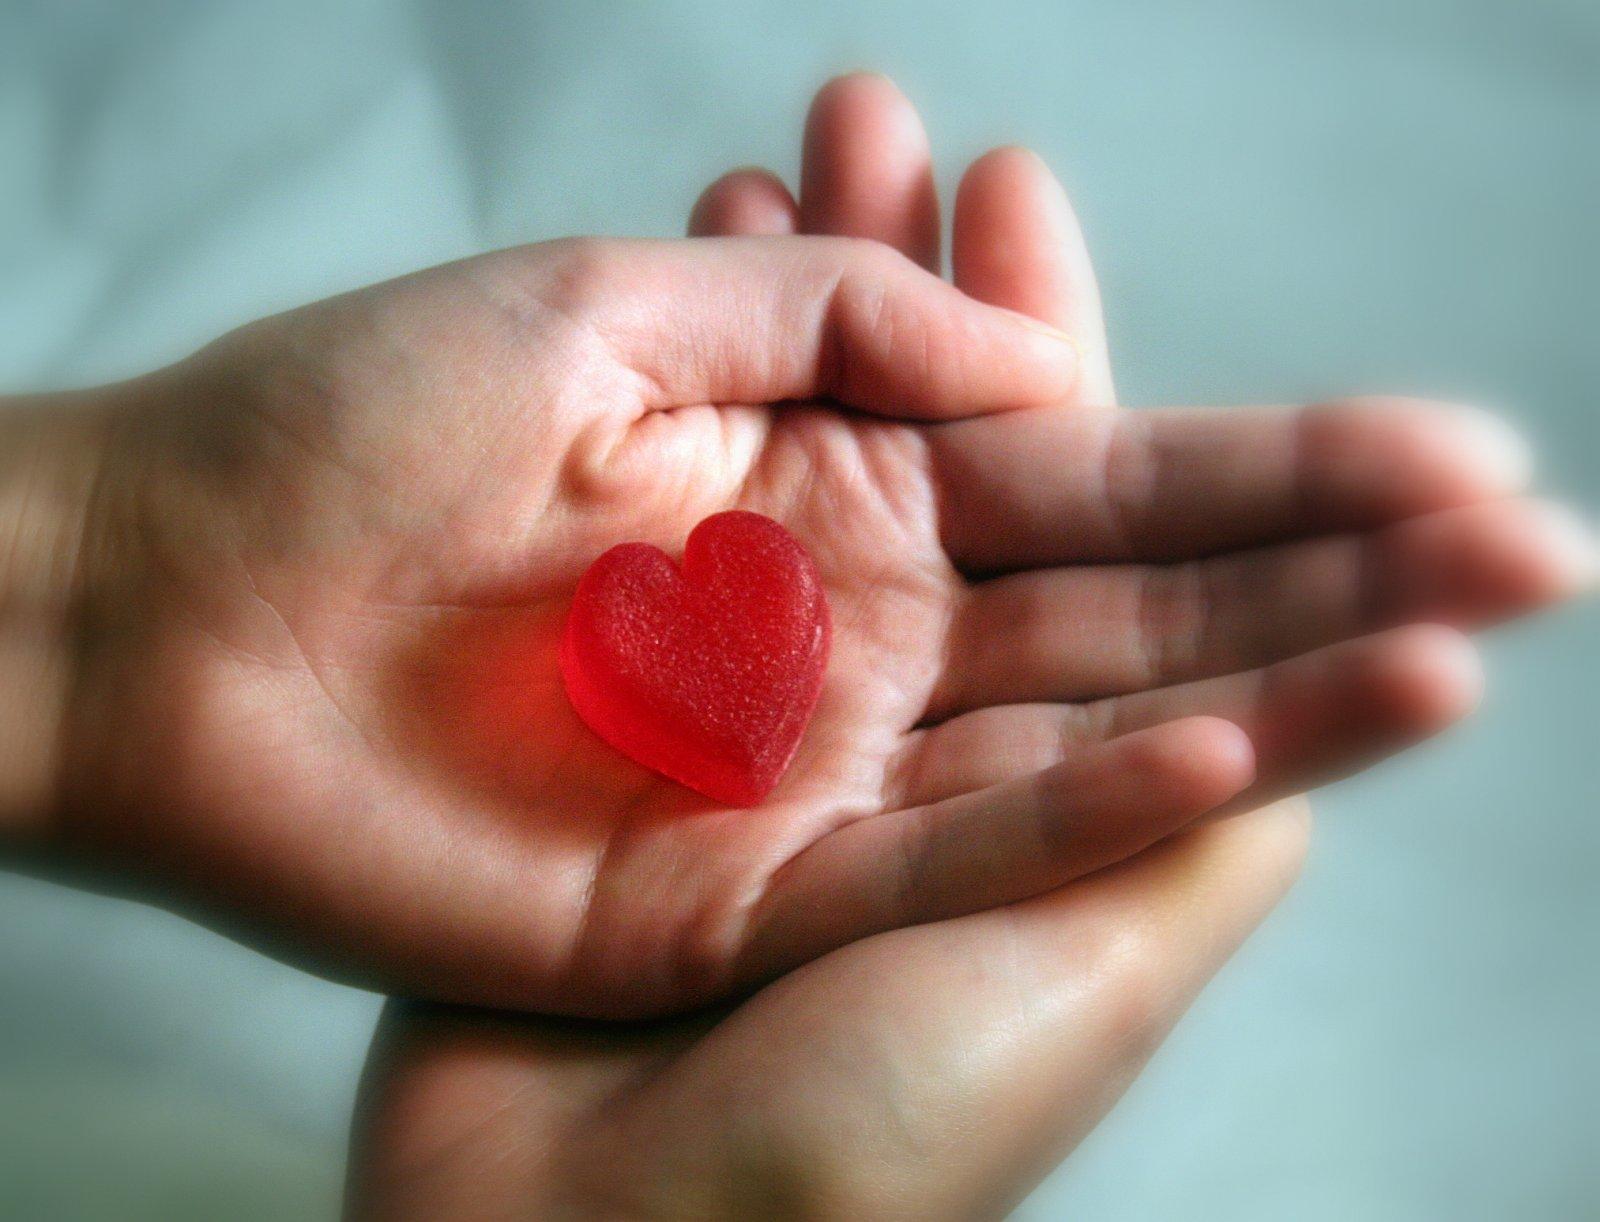 Zmysły w kuchni - przepisy kulinarne, podróże, książki: Serce na dłoni...